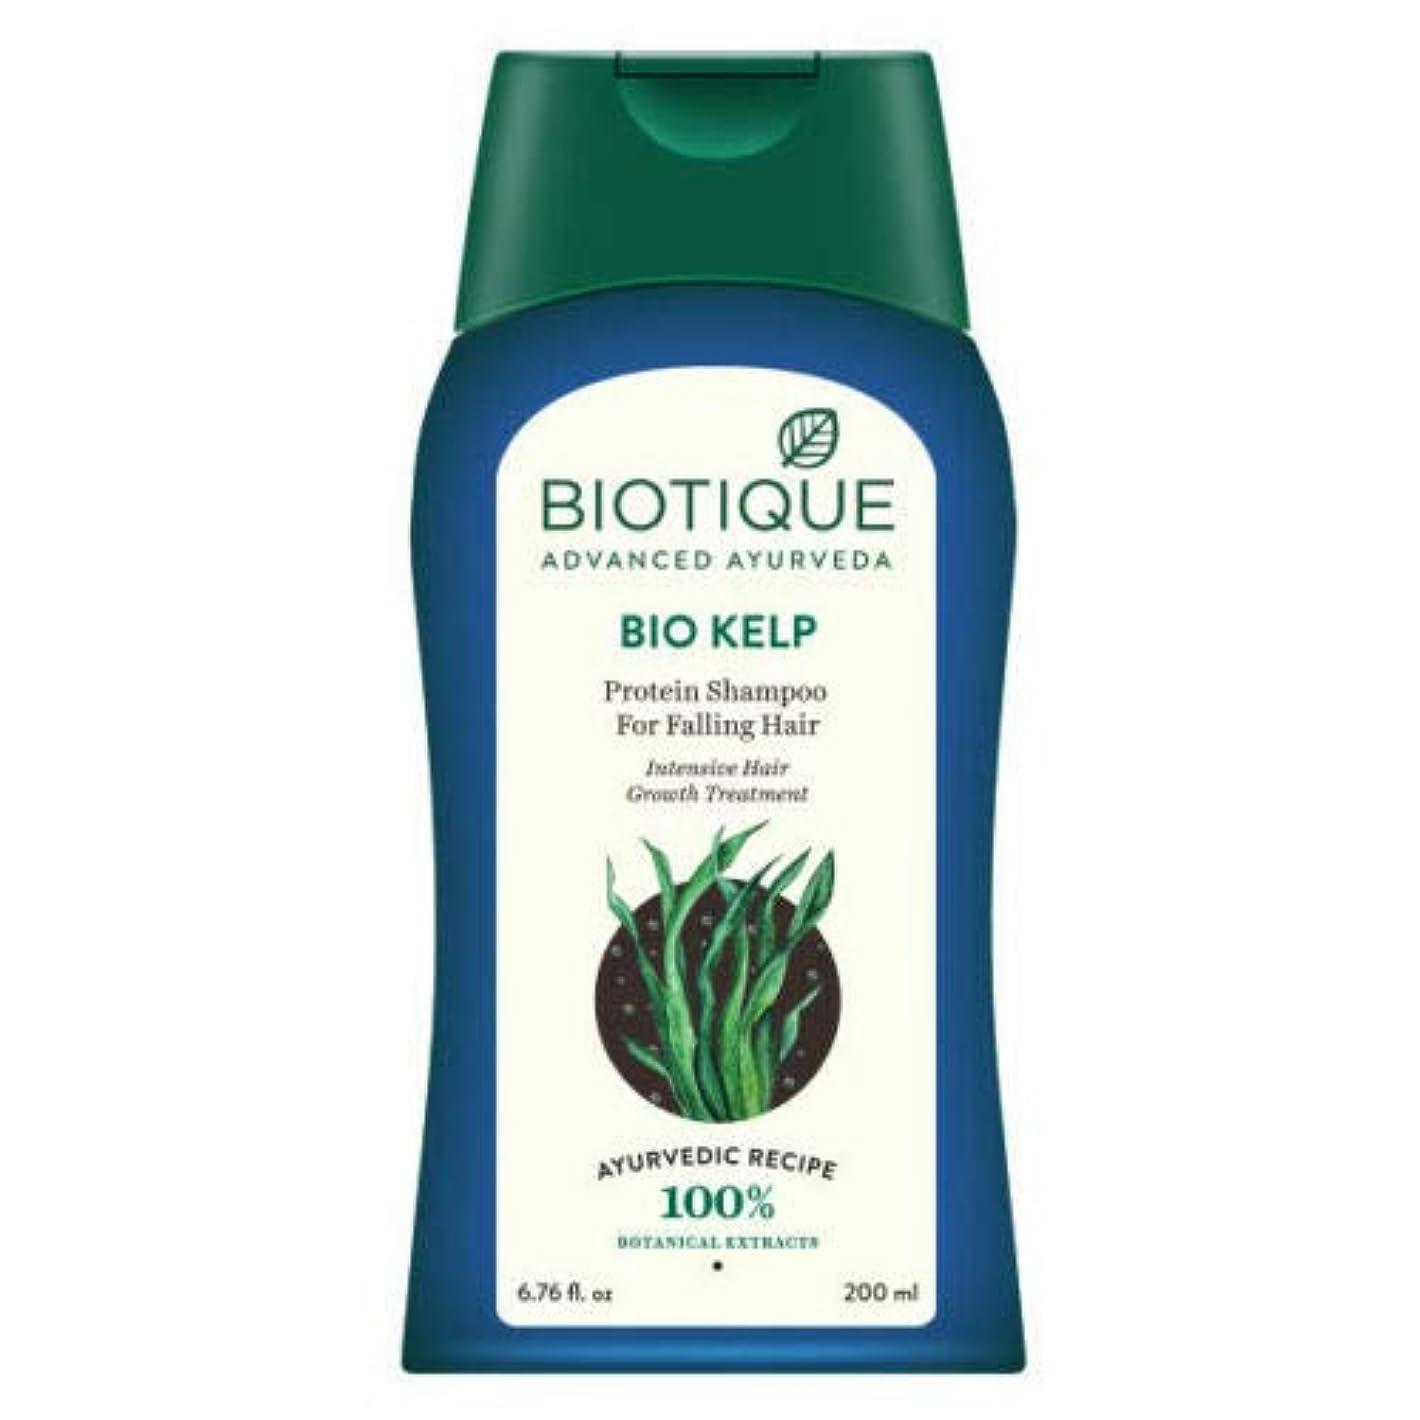 シェード威するルールBiotique Bio Kelp Protein Shampoo For Falling Hair (200 ml) 100% Natural Recipe 落下の毛100%の自然な調理法のためのBiotiqueのバイオケルプ...